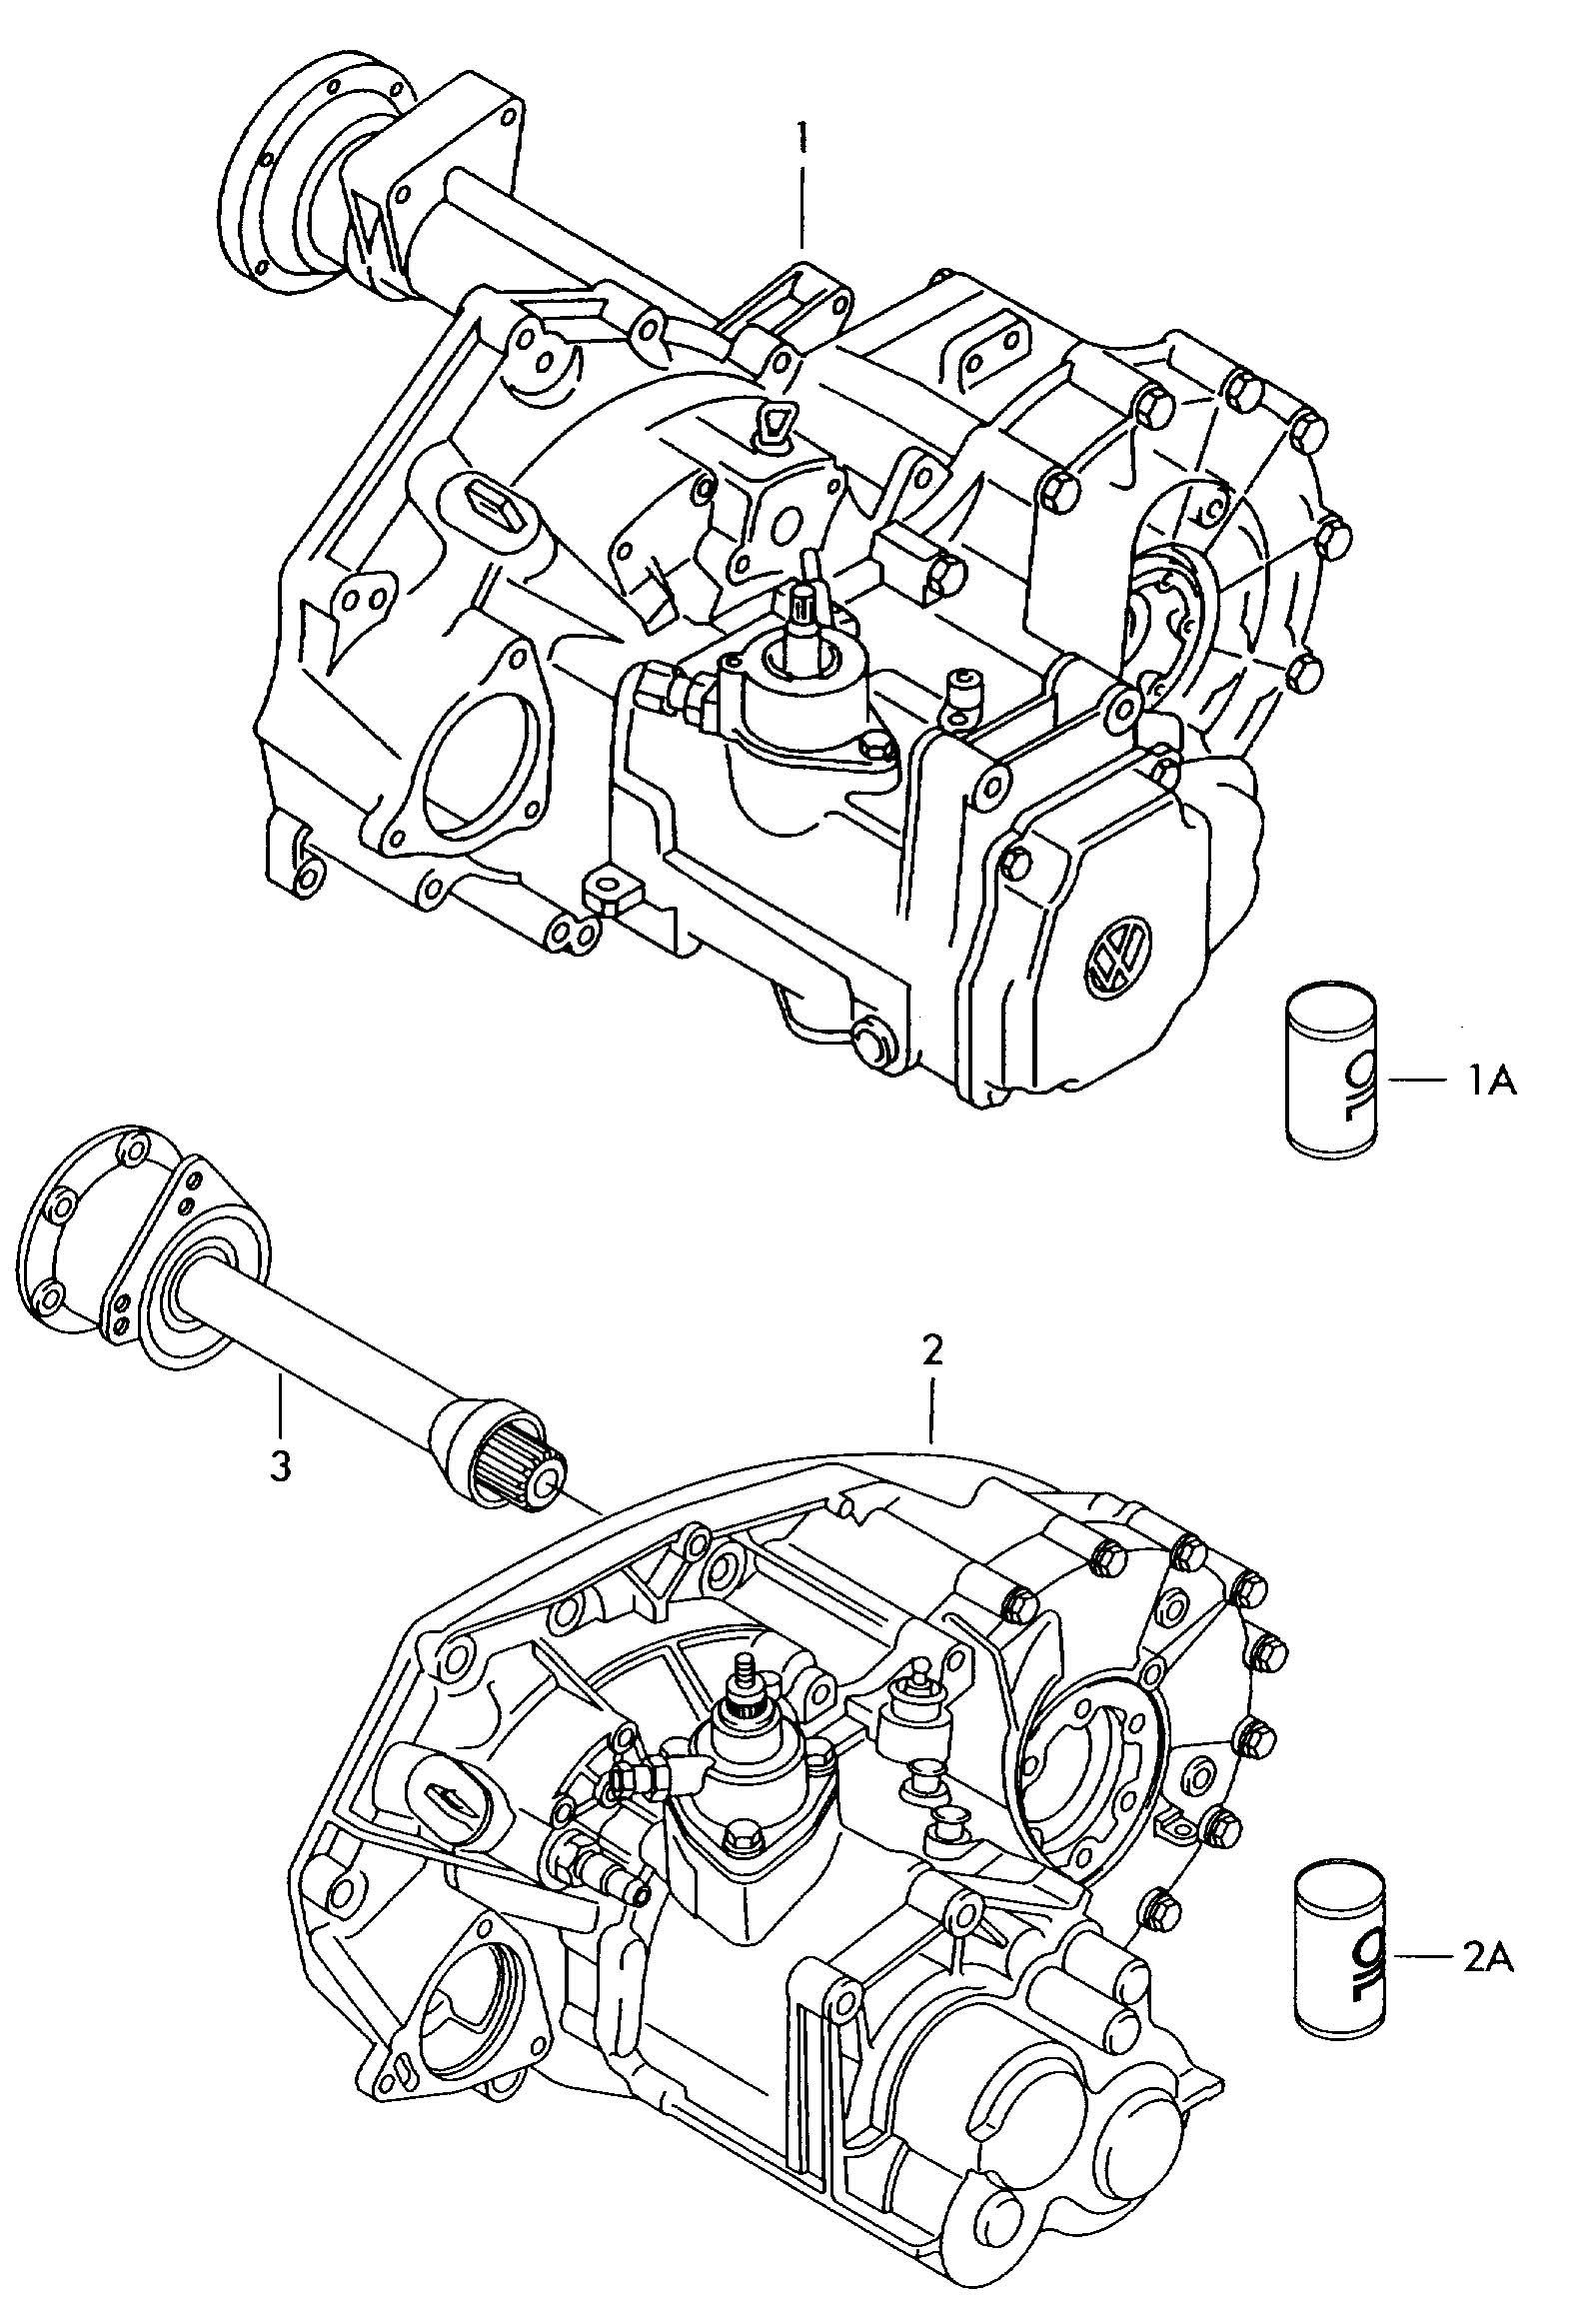 1997 Volkswagen EuroVan Transmission, complete 5 speed